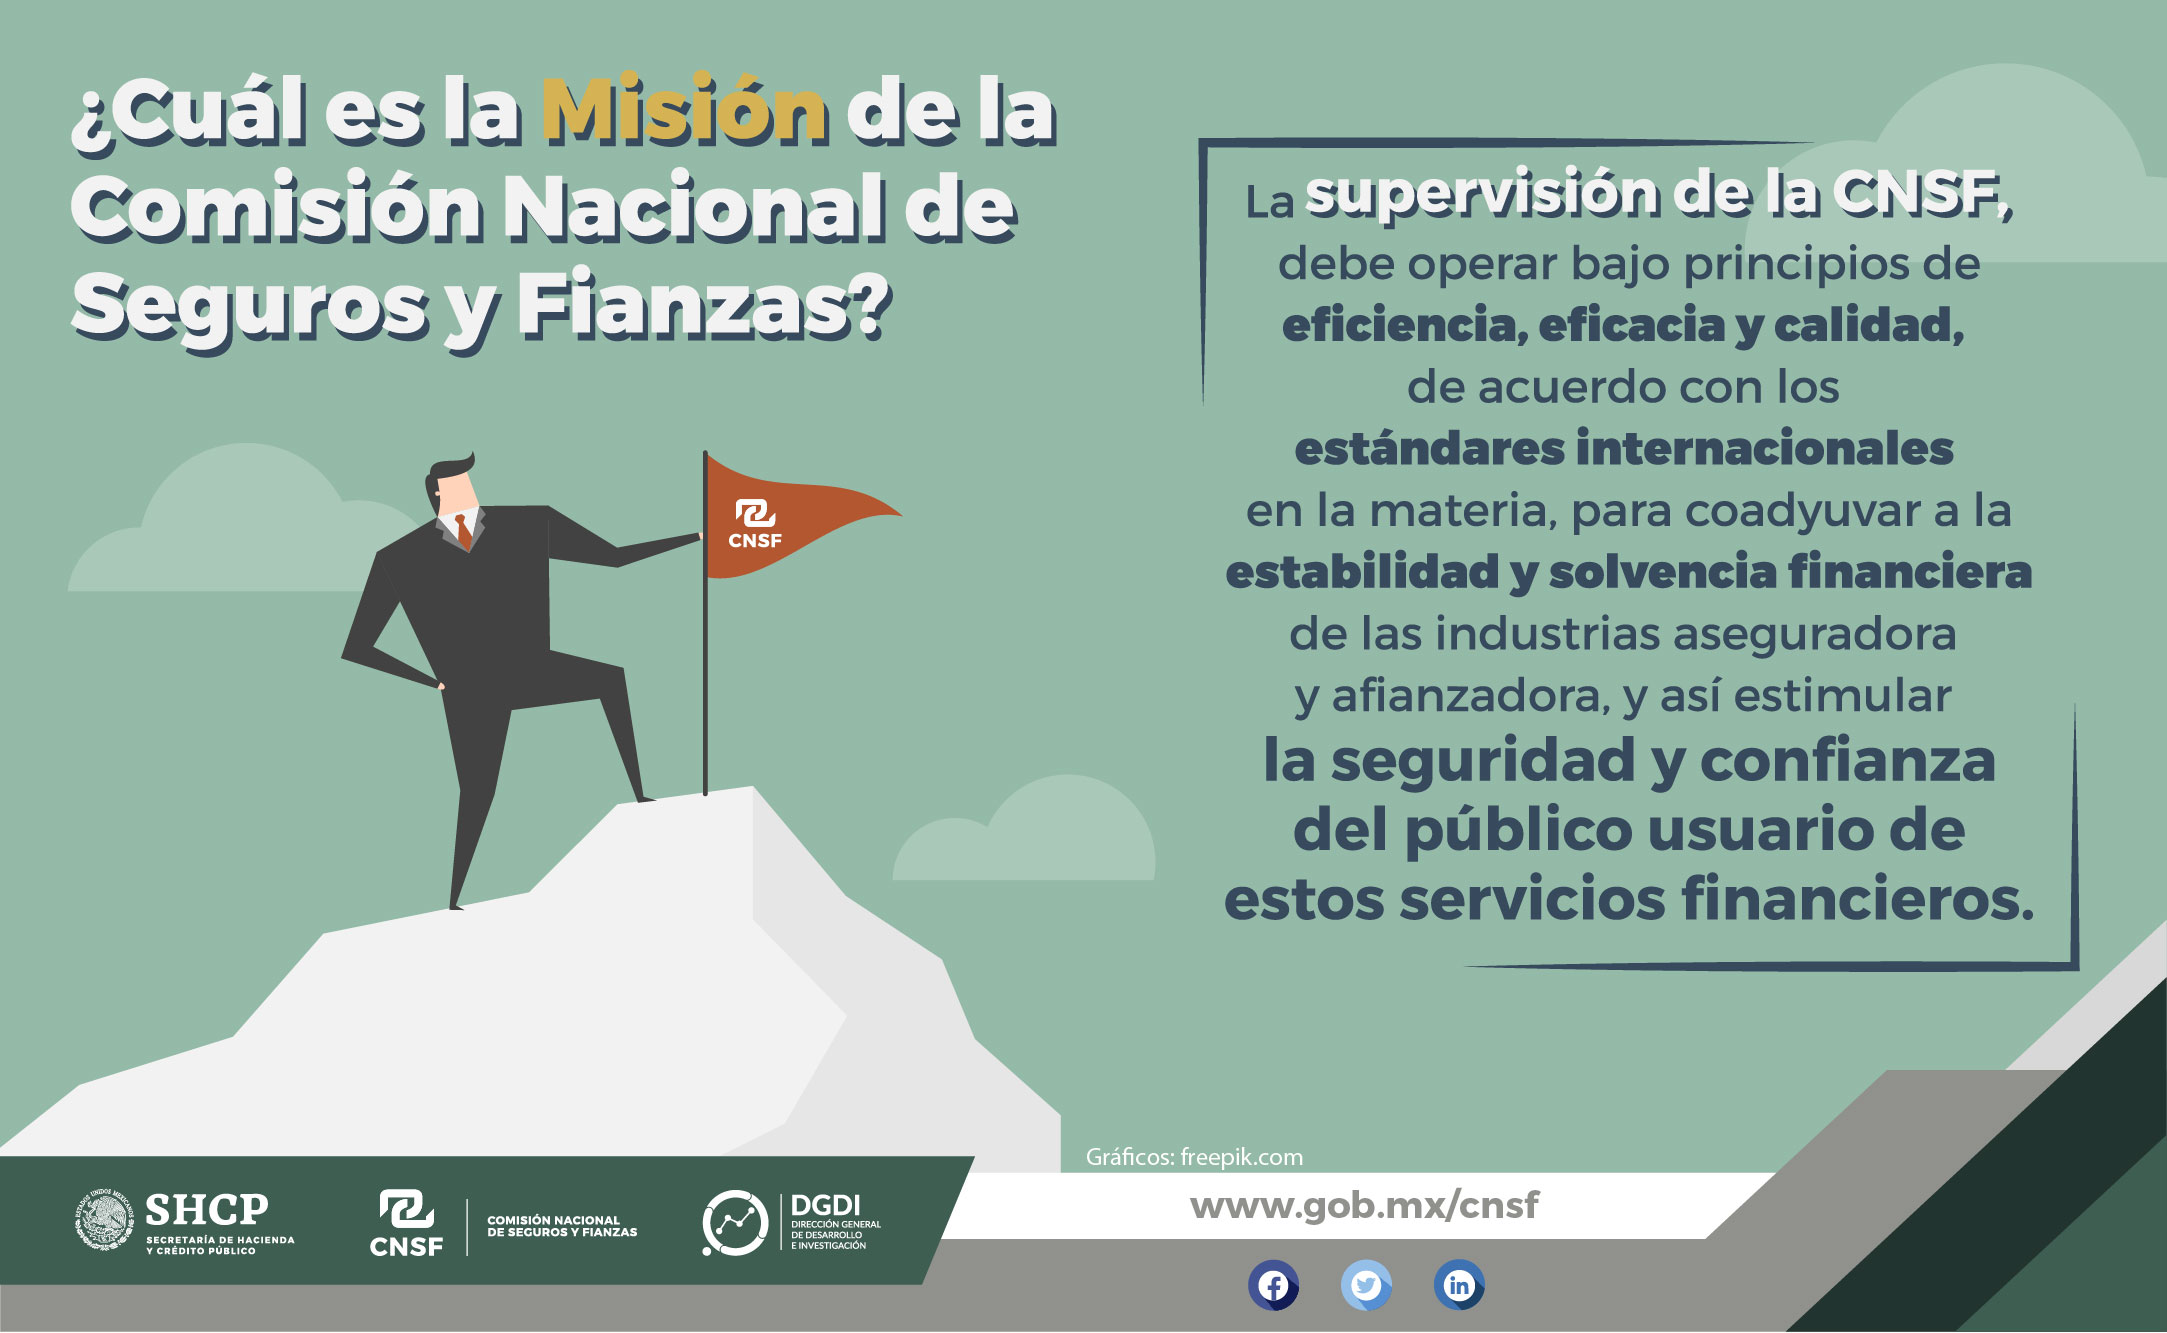 Misión de la CNSF